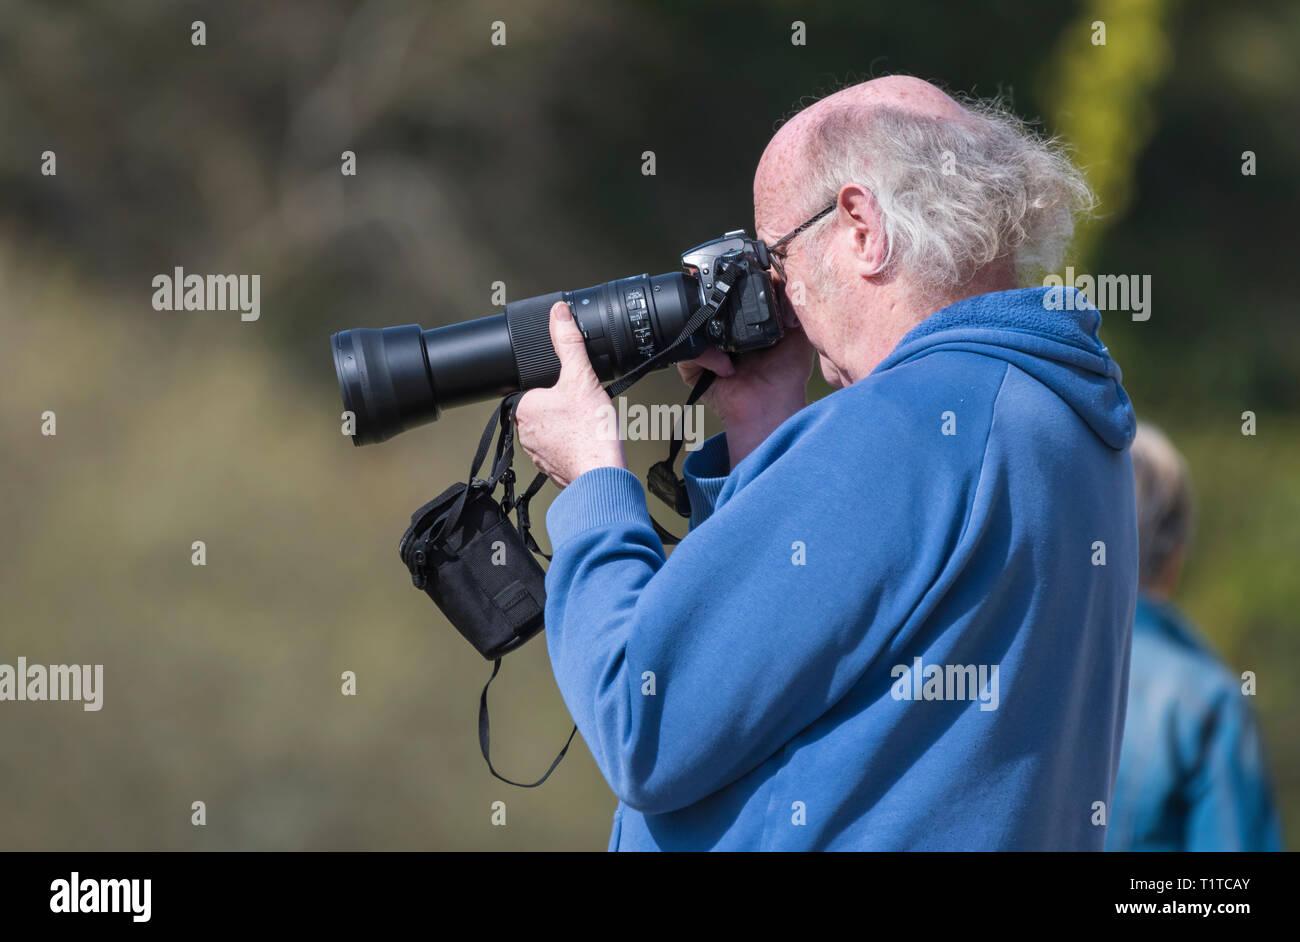 Hombre senior de tomar fotografías con una DSLR y teleobjetivo para larga distancia. Vista lateral del varón tomando fotos con una cámara digital. Pensionista hobby. Imagen De Stock